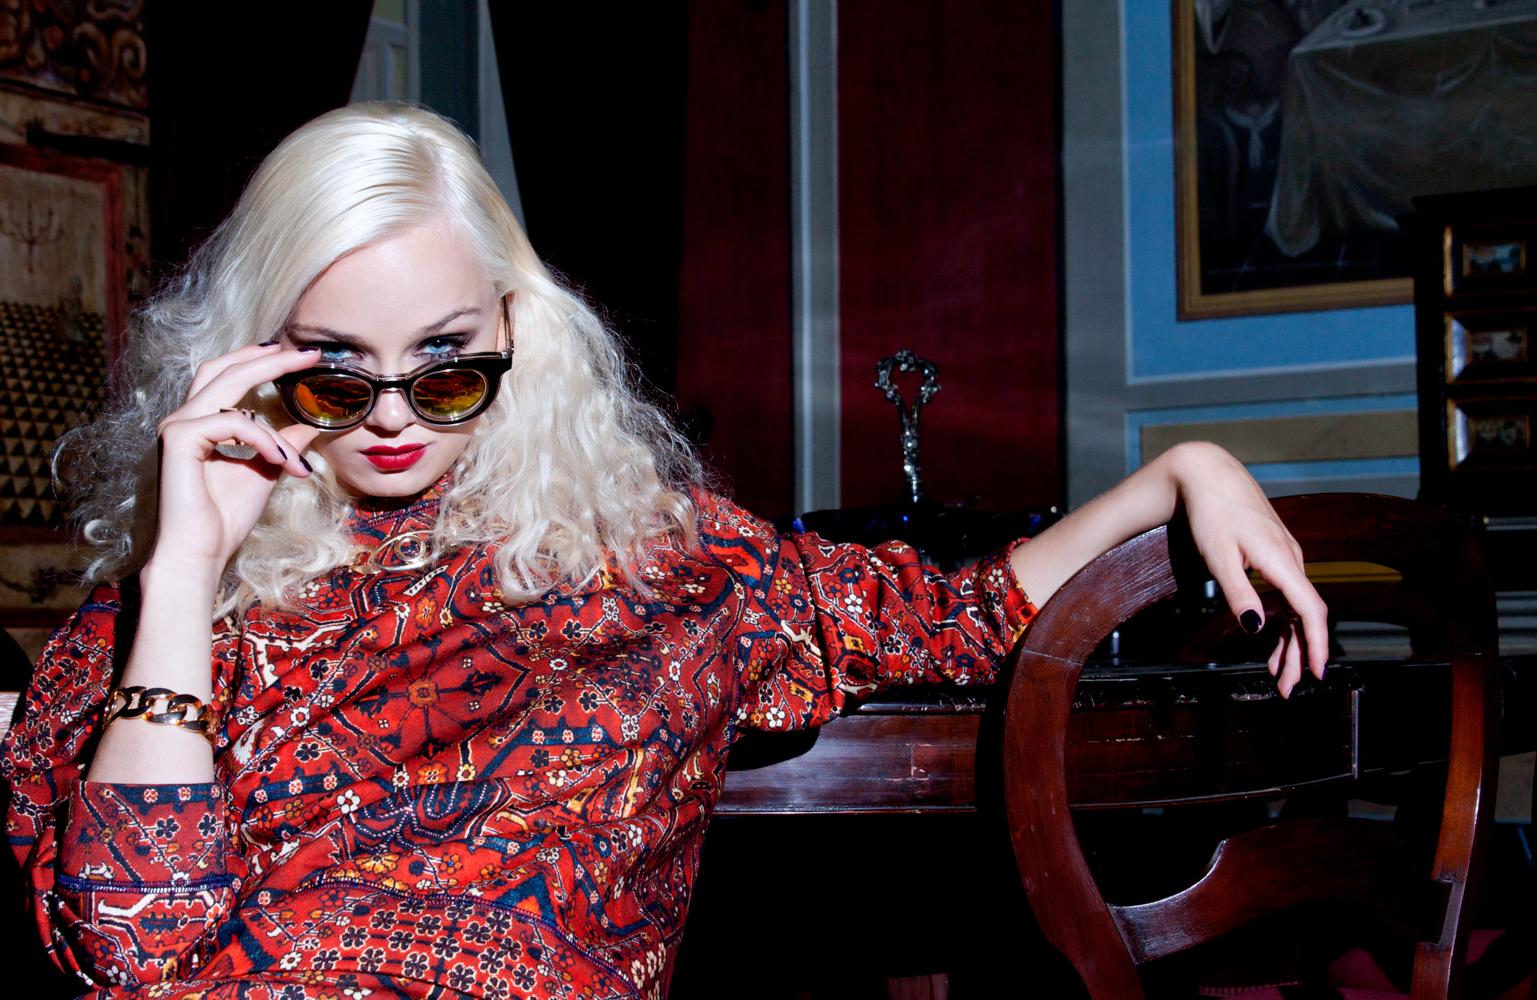 Fever & Shadows | Fashion editorial by David Garcia